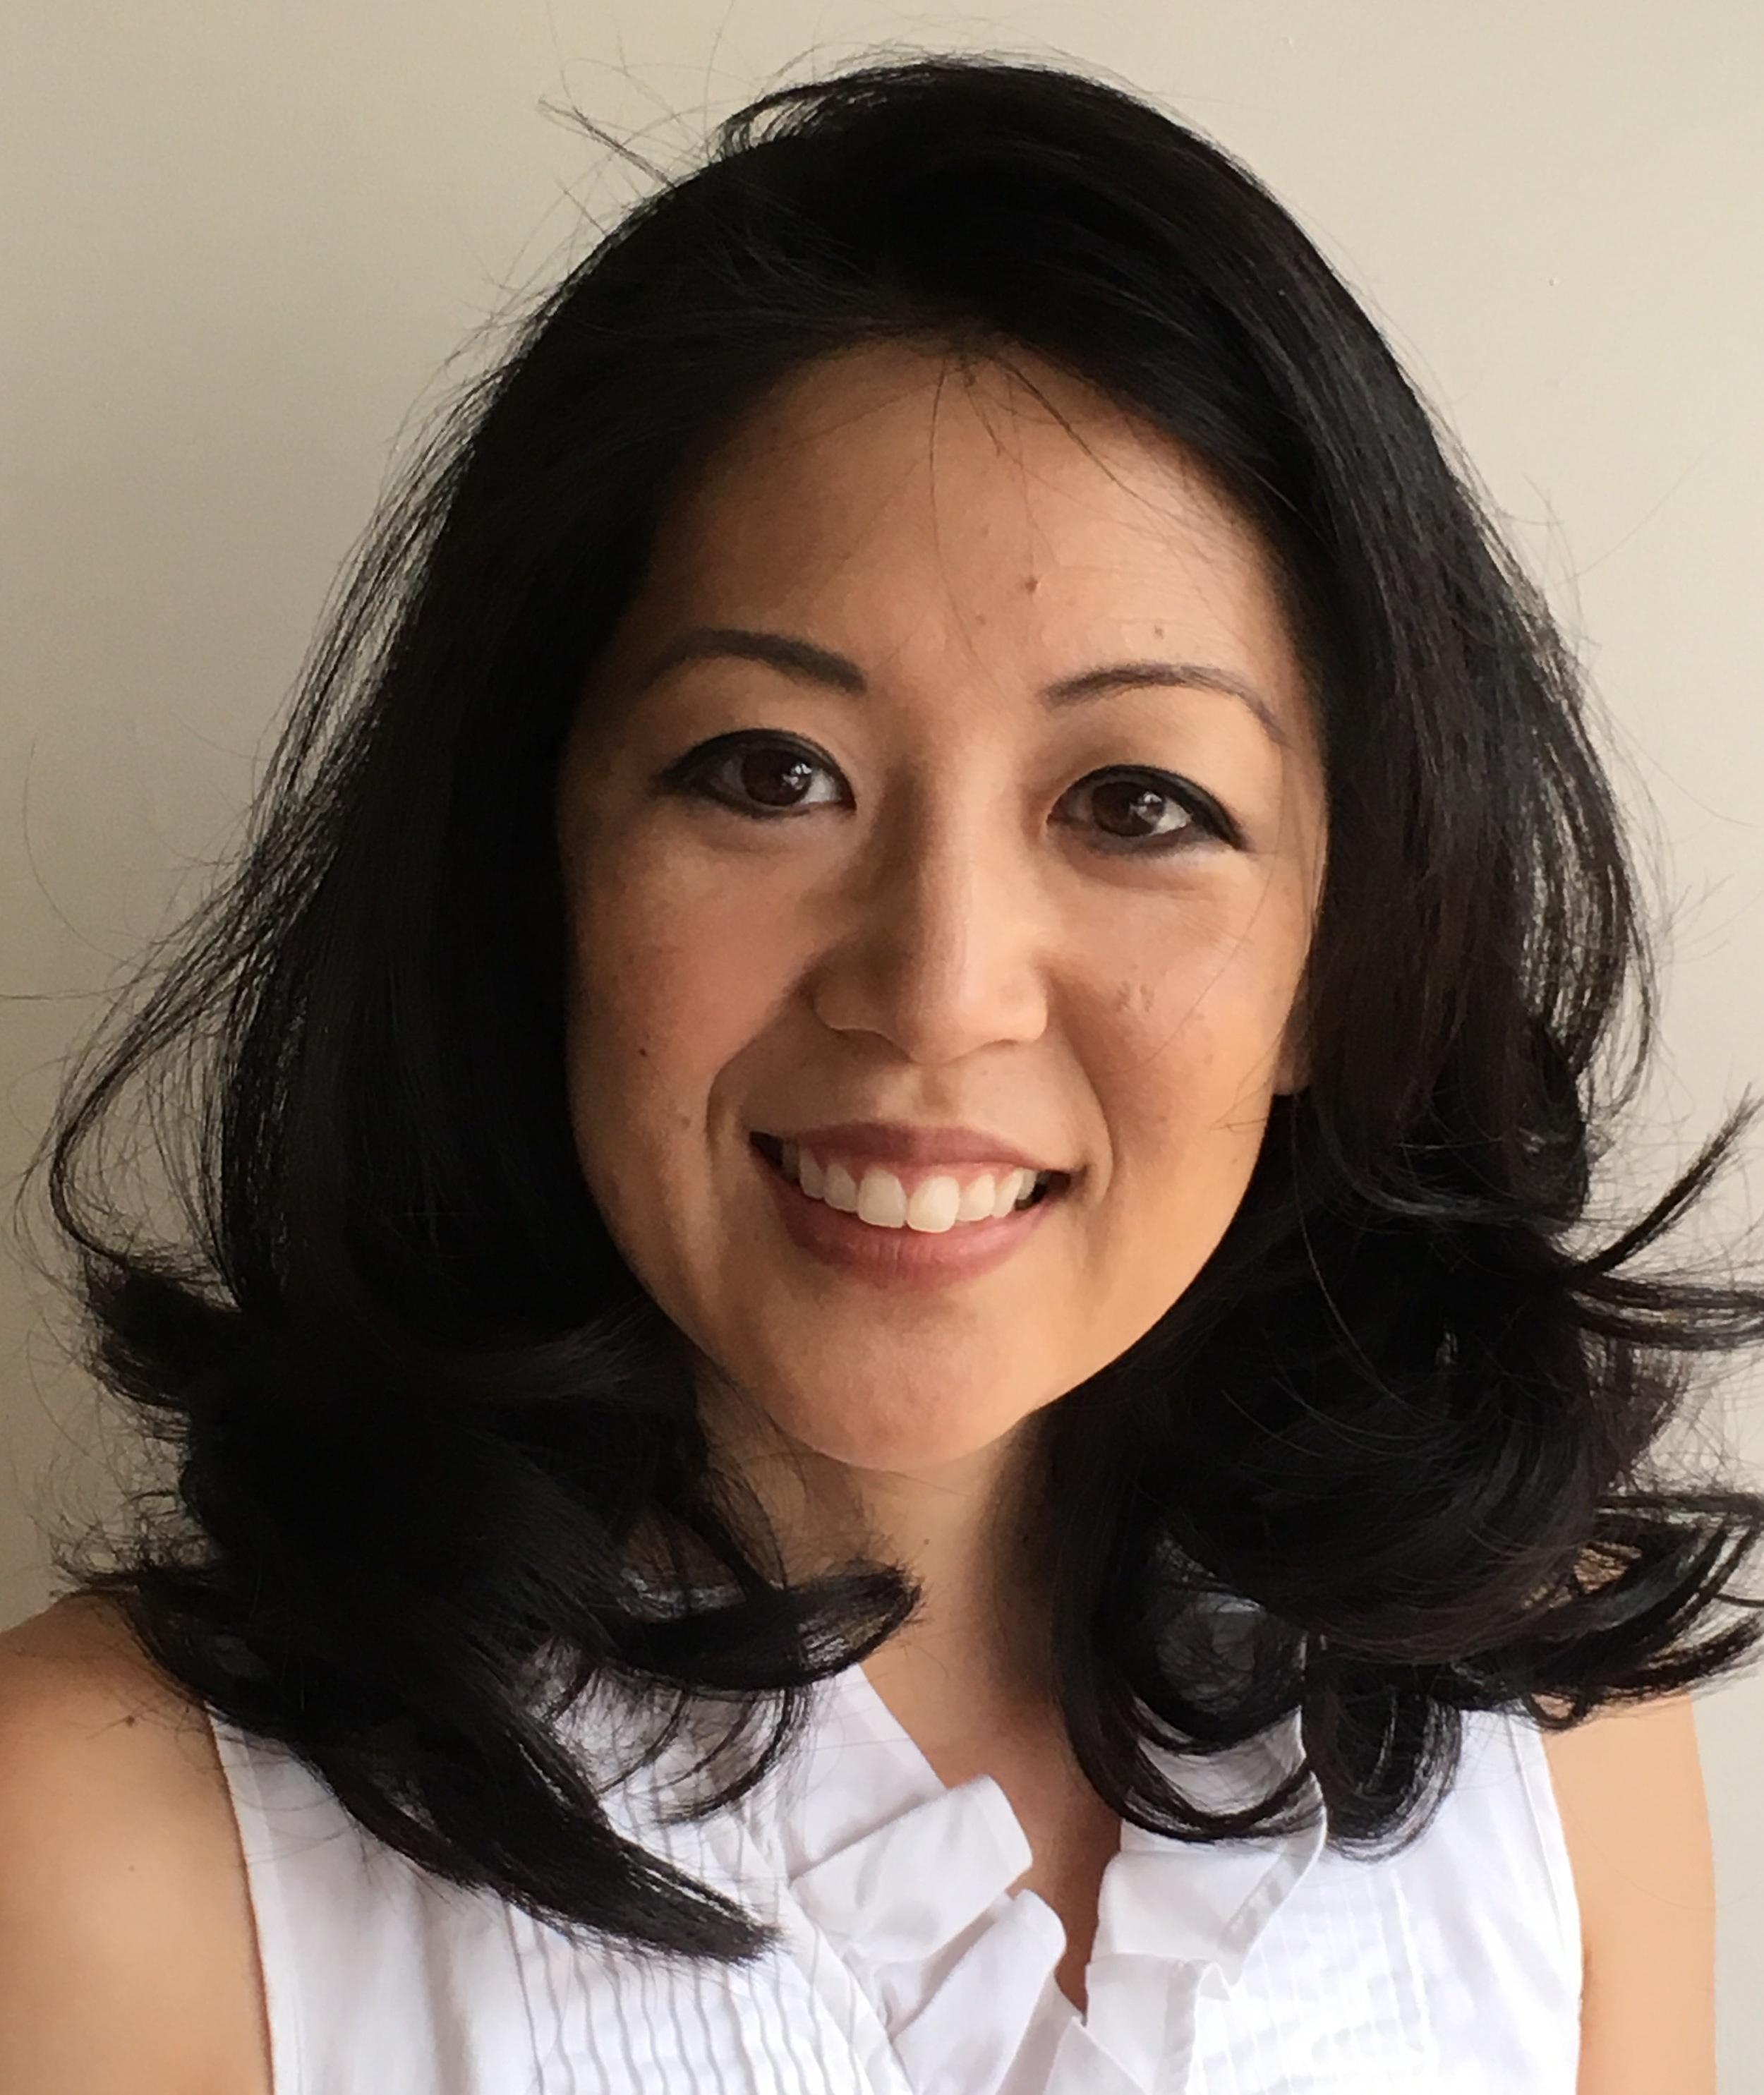 Liann Ebesugawa, Editor